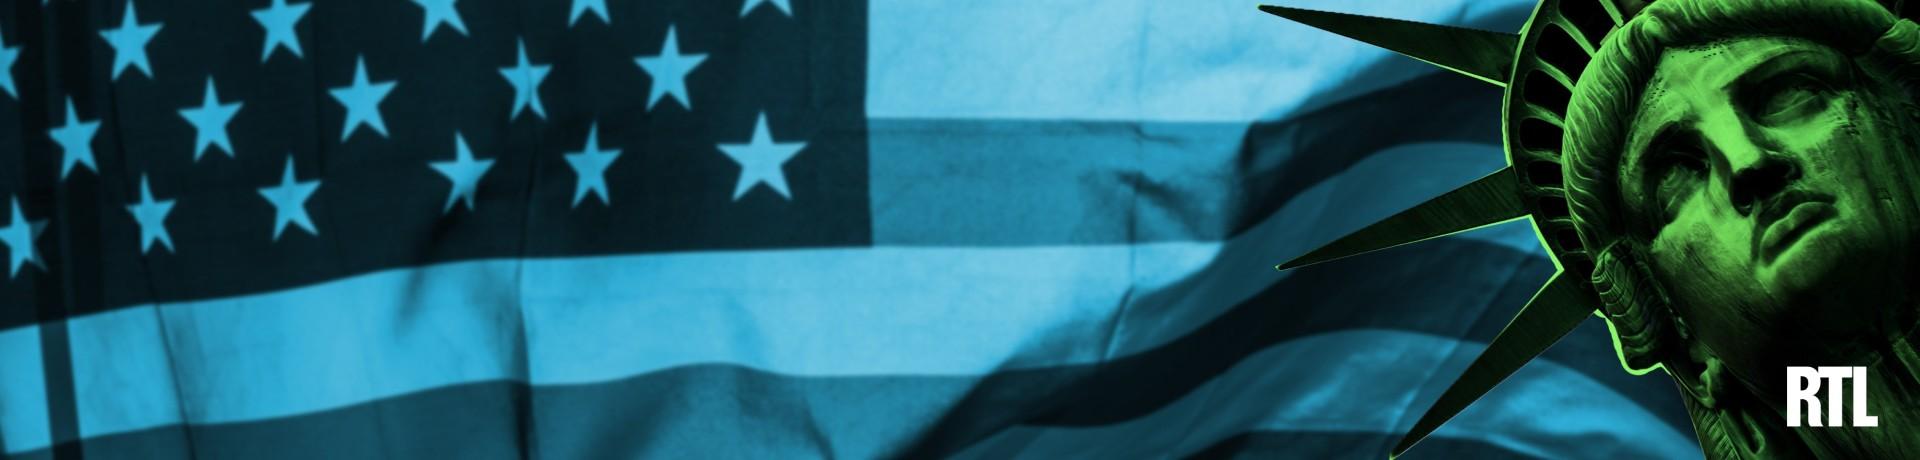 Une Lettre d'Amerique 1920x460